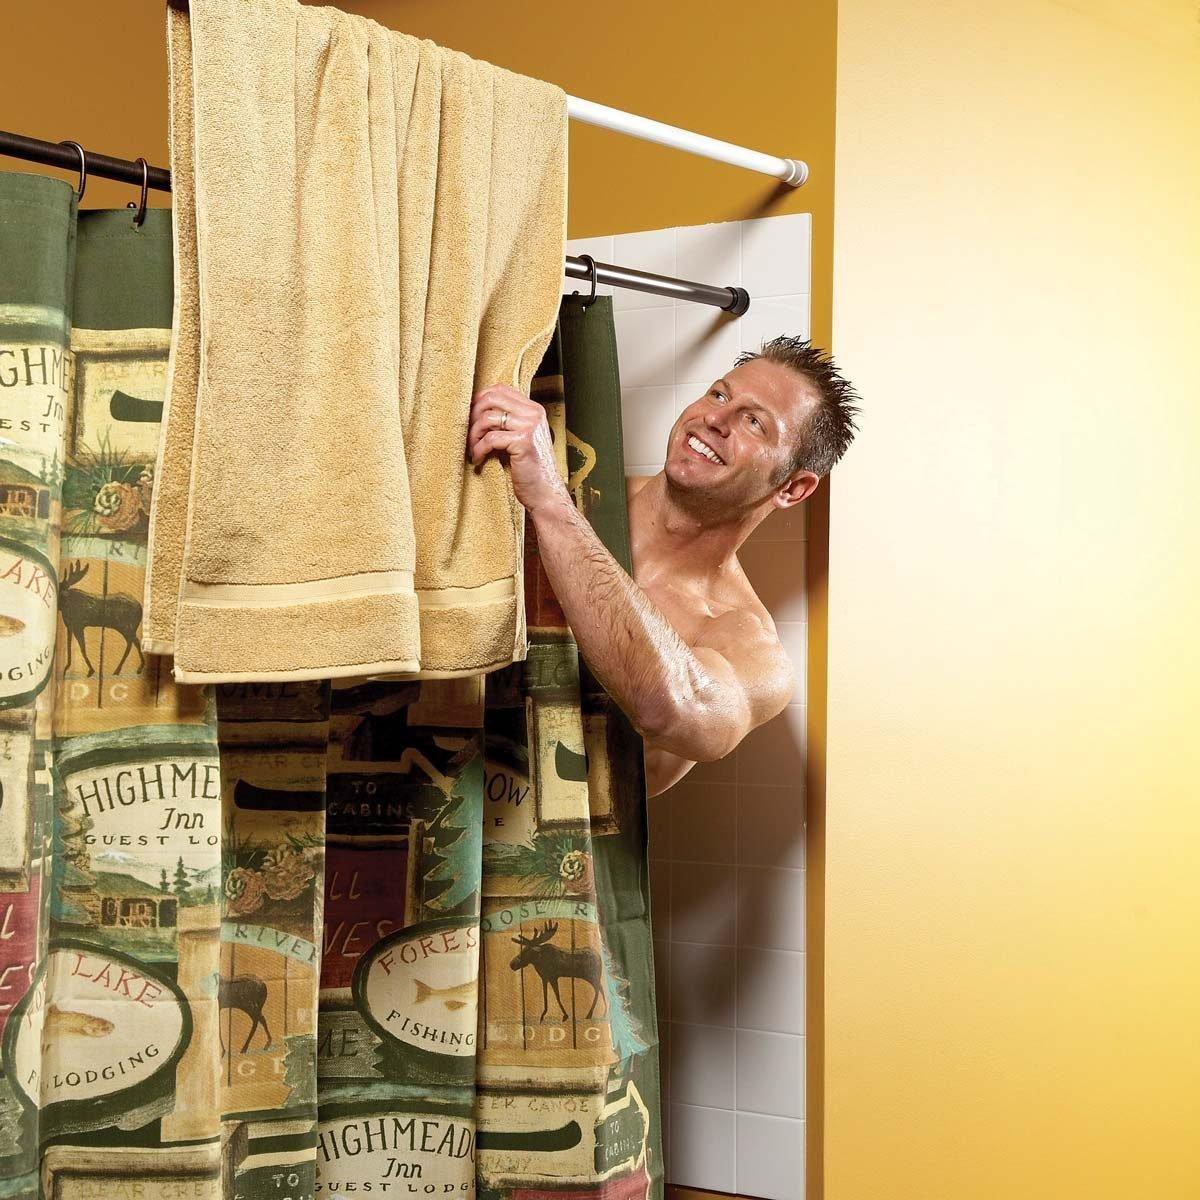 extra towel bar